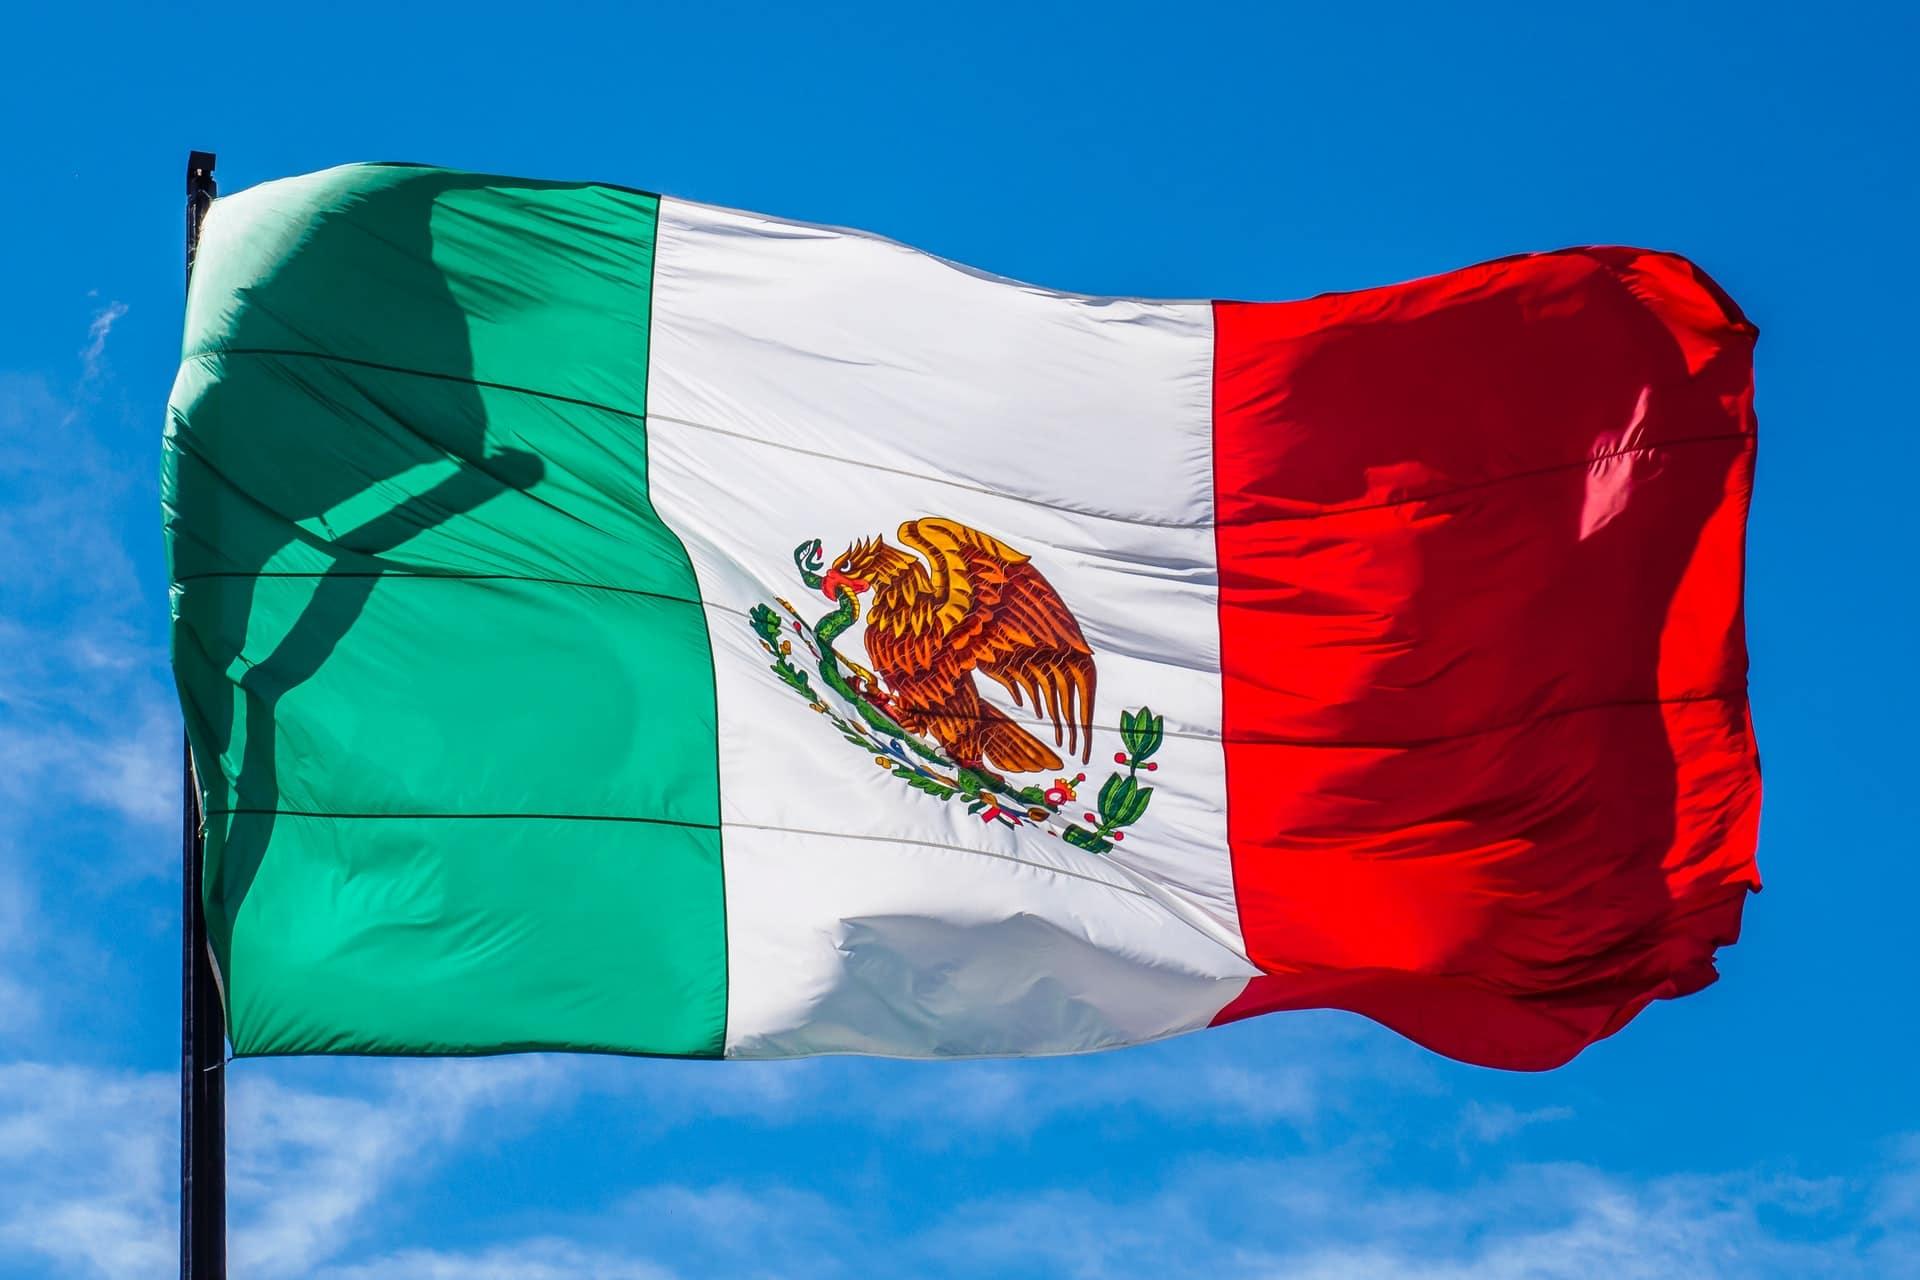 Nación Cannabis | México: punto clave para el desarrollo de la industria cannábica mundial